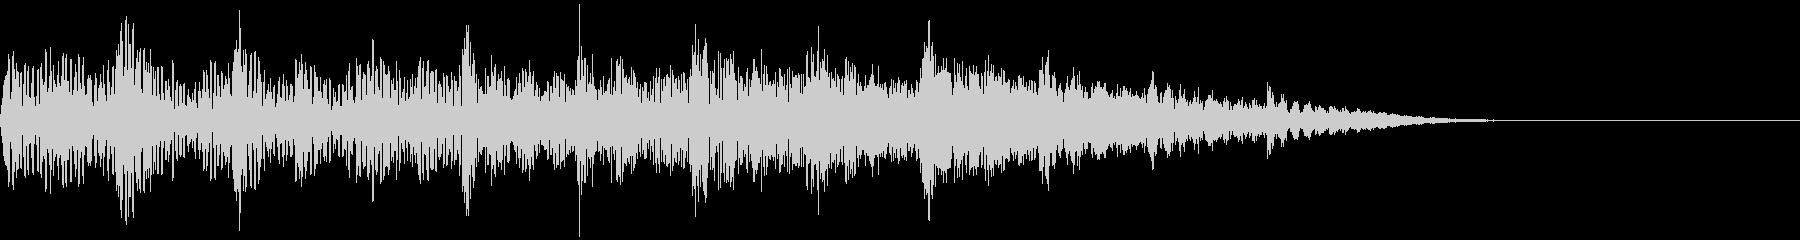 上昇音・キラーン・シャララン・チェレスタの未再生の波形